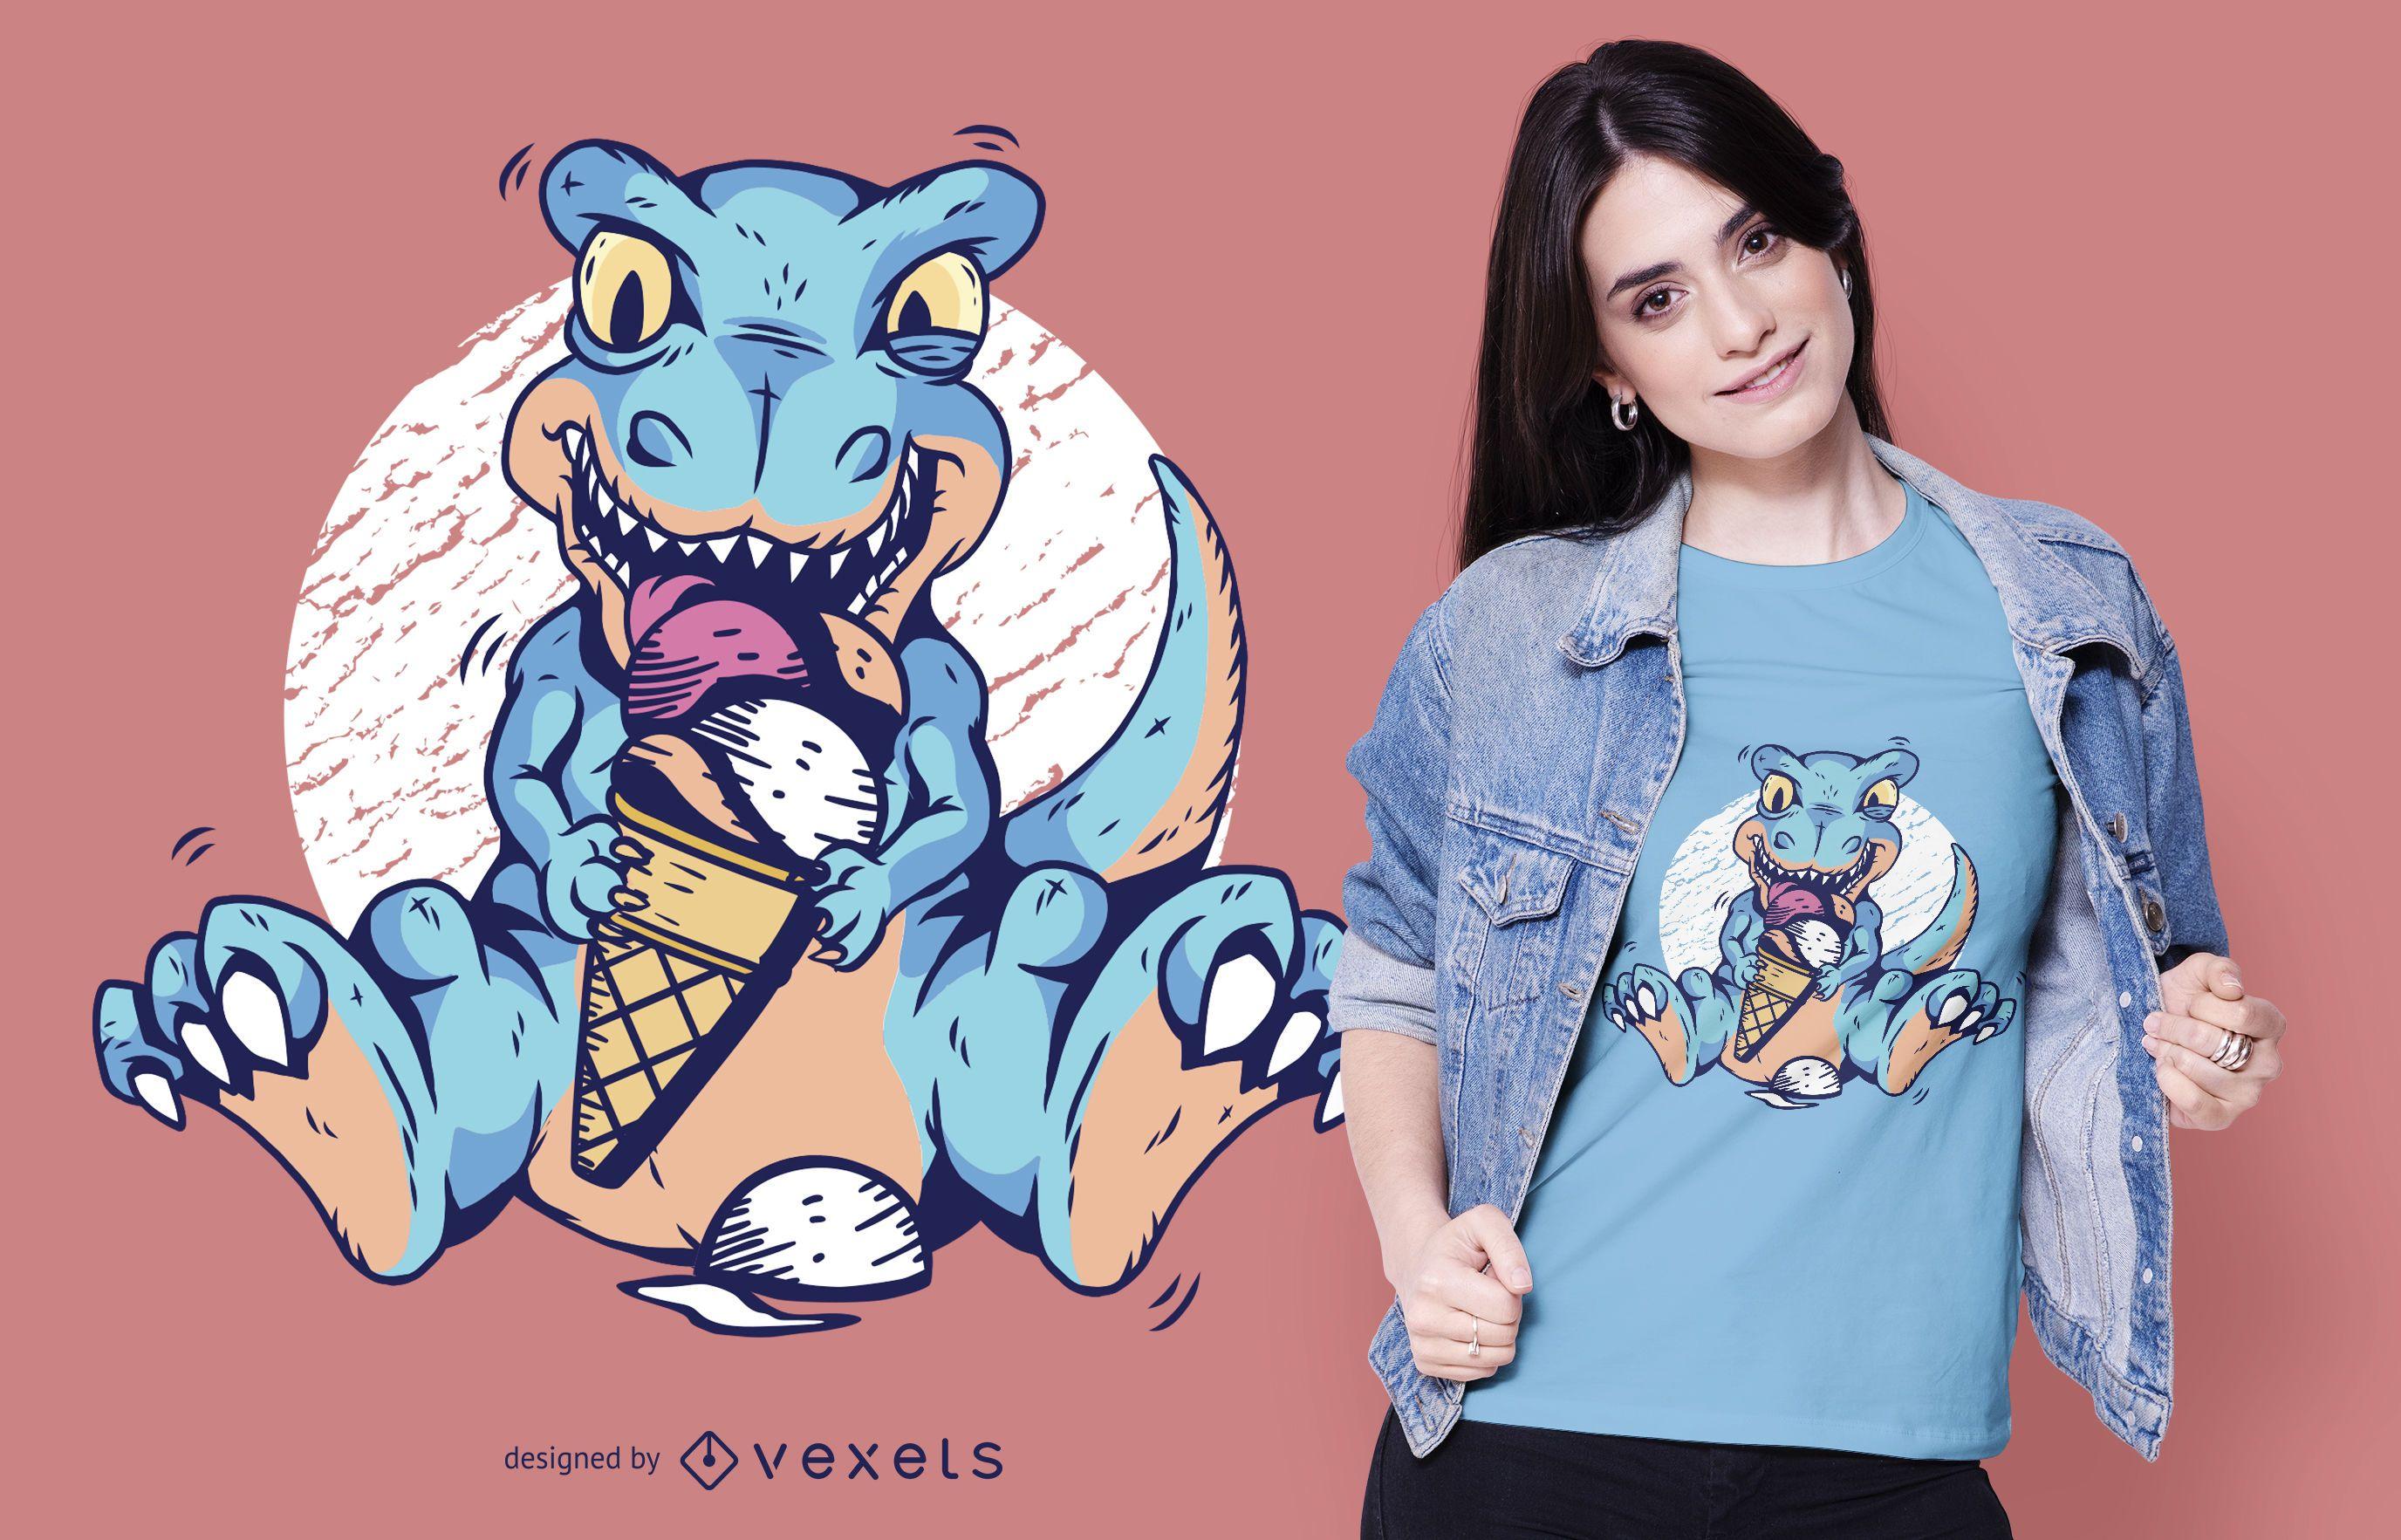 T-rex ice cream t-shirt design